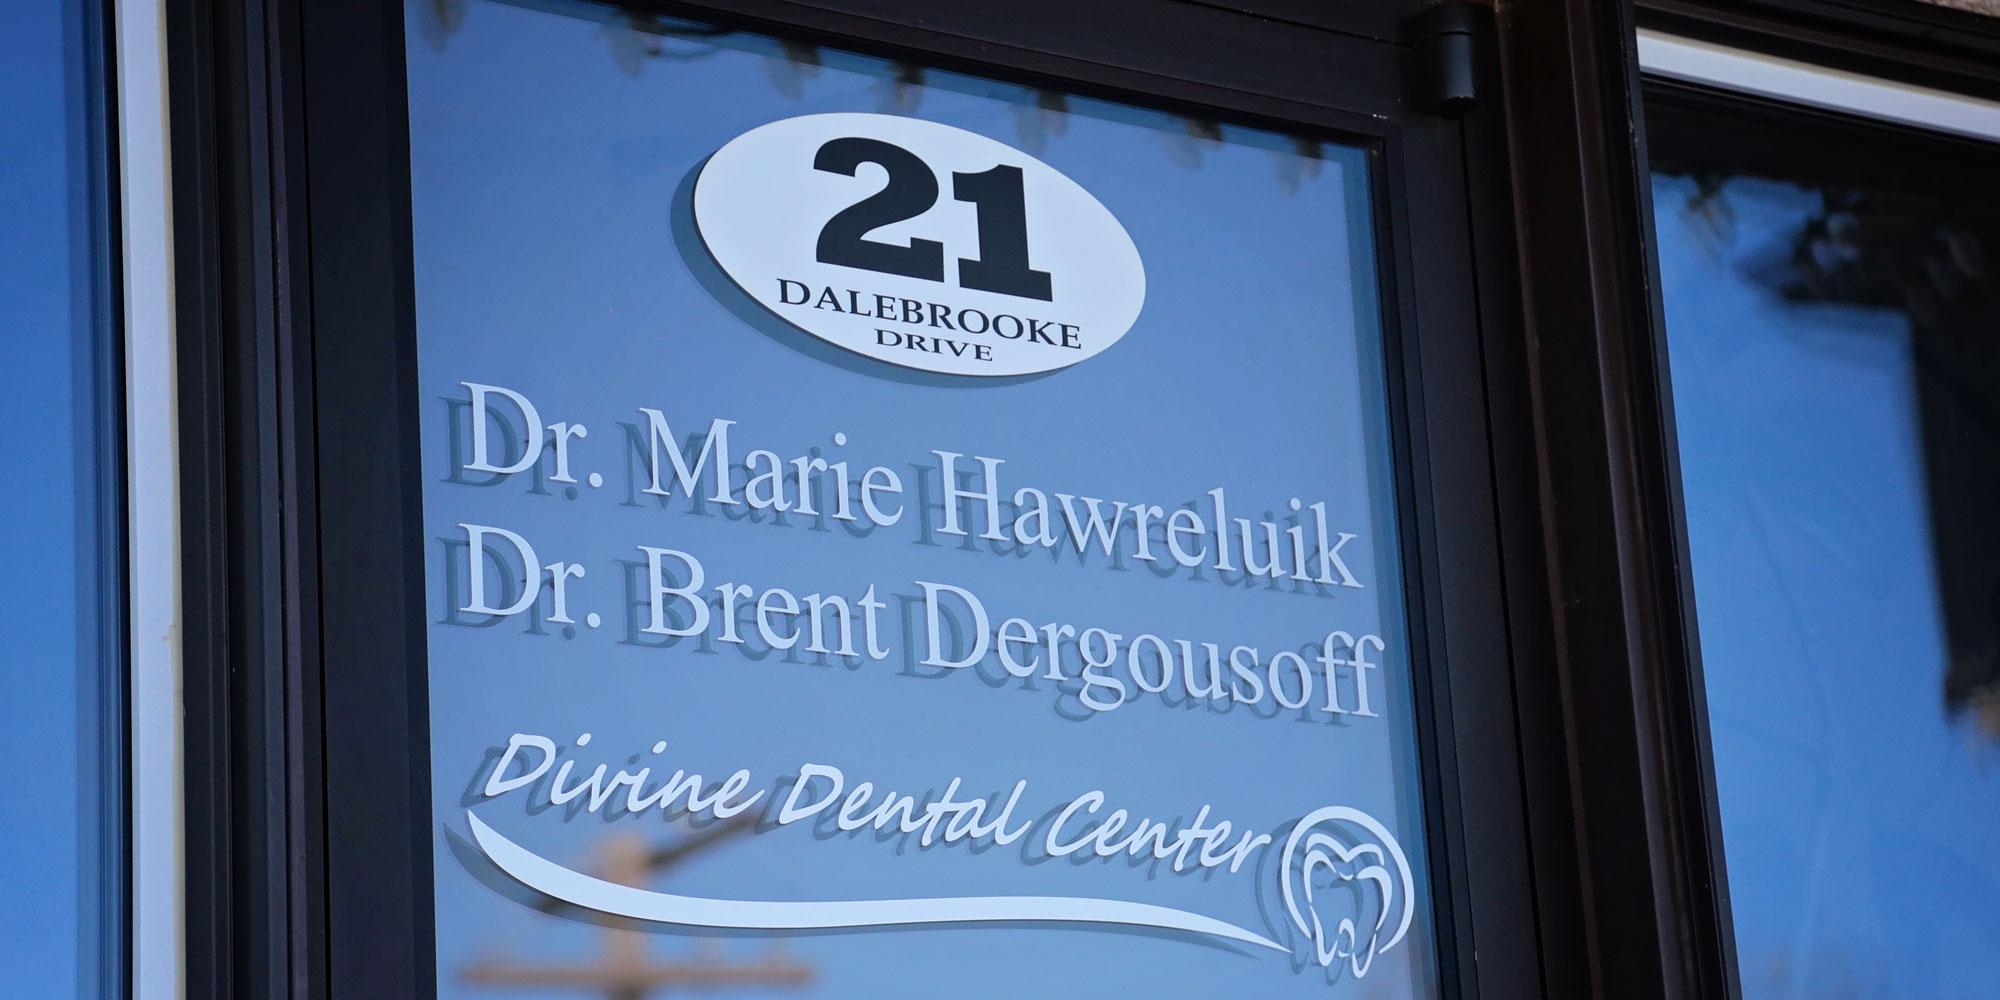 Divine Dental Center Front Window